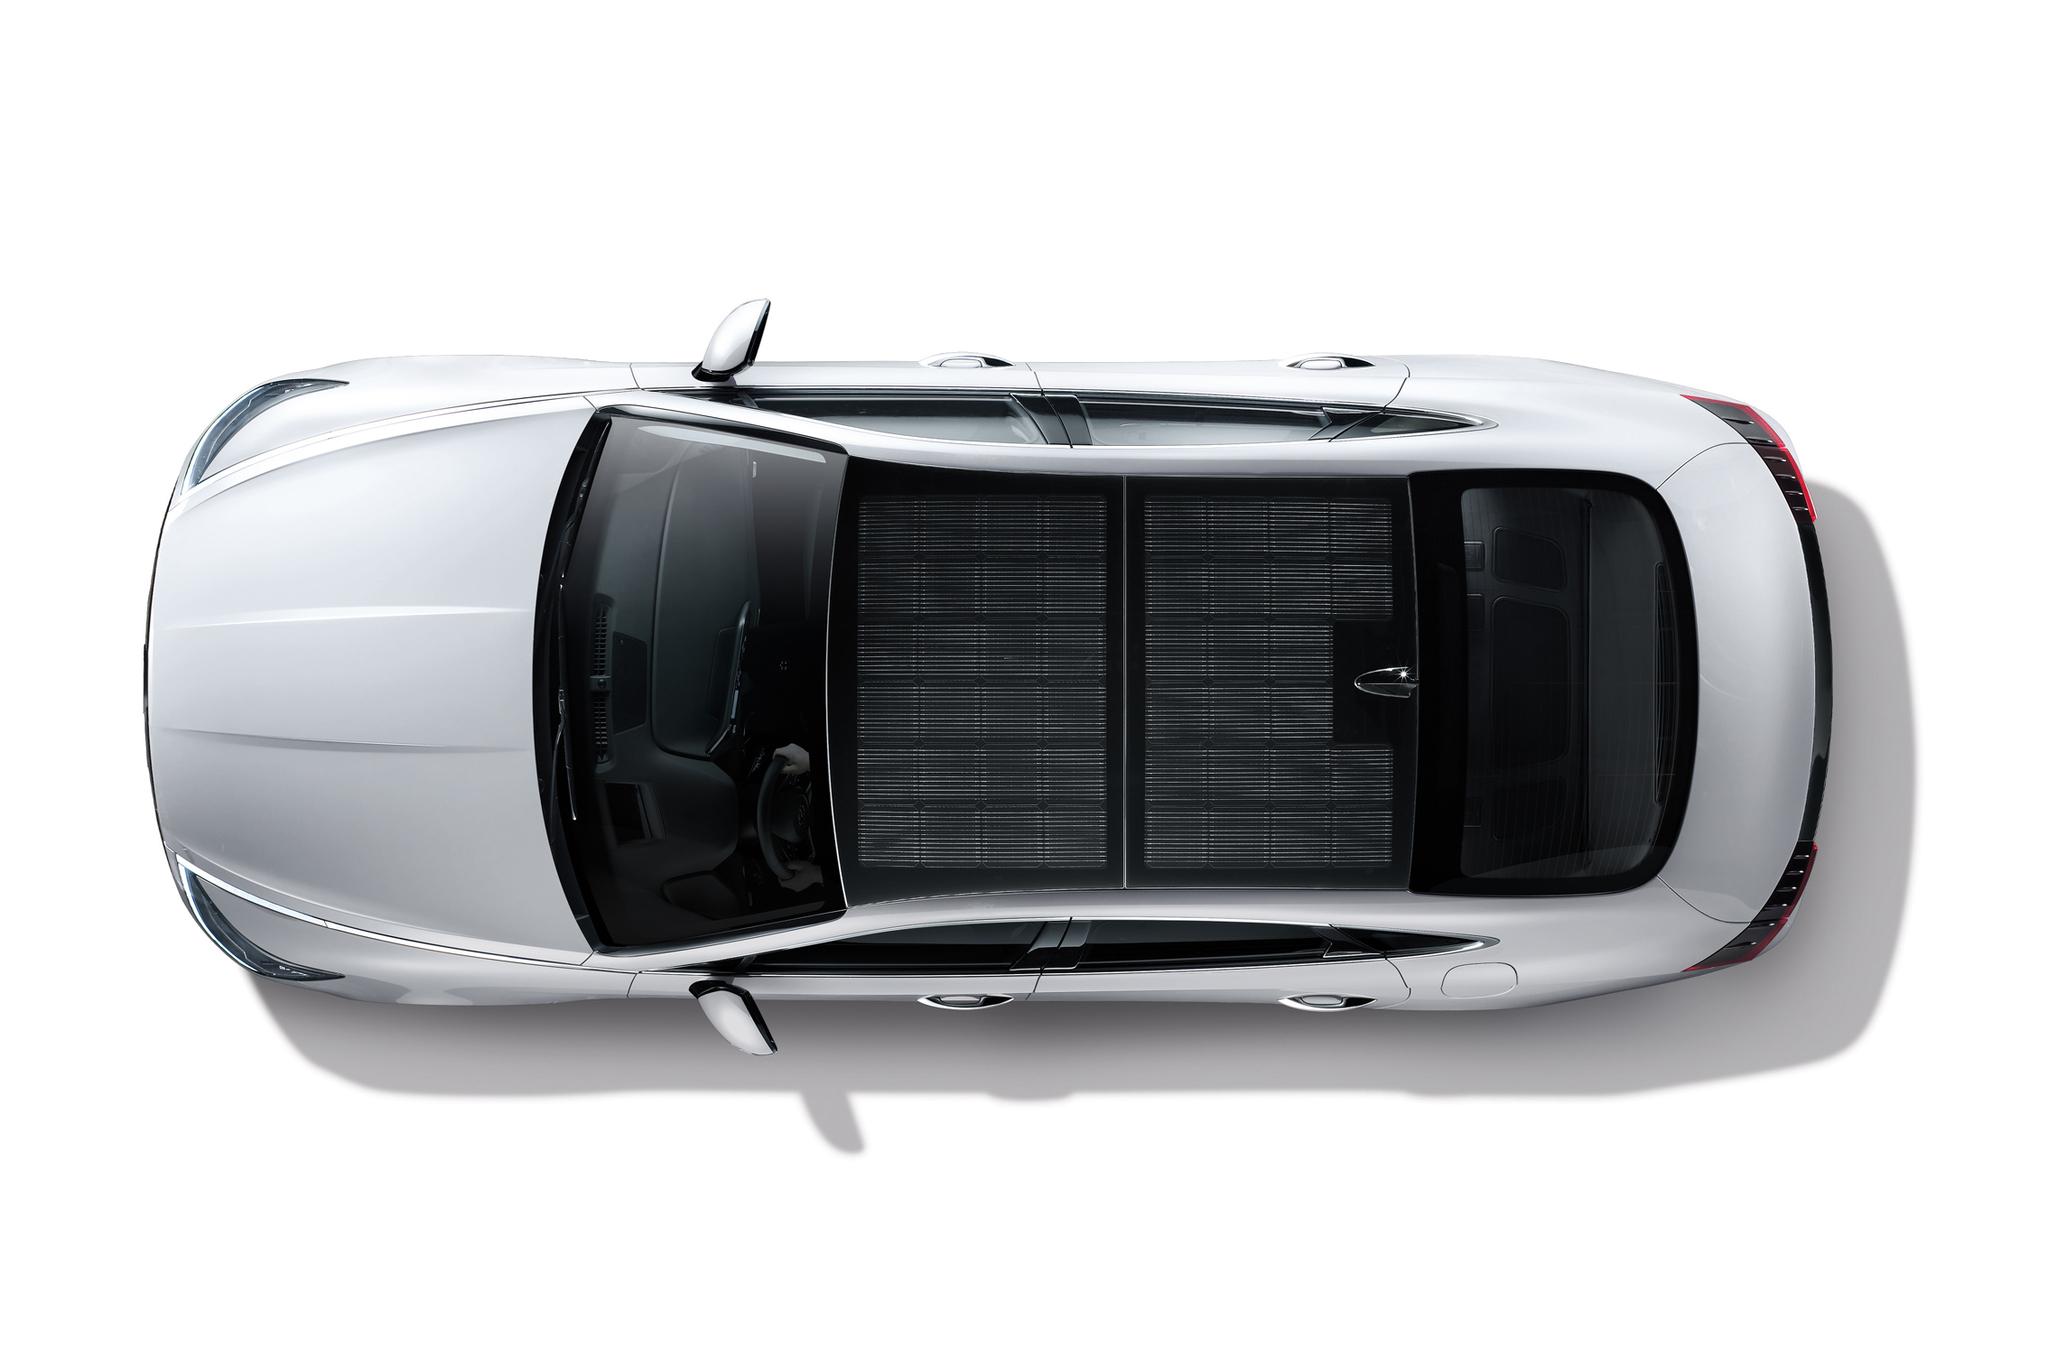 신형 쏘나타 하이브리드에 적용된 '솔라 루프' 시스템. 천정의 태양광 패널로 배터리를 충전해 연간 1300㎞까지 주행거리를 늘릴 수 있다. [사진 현대자동차]